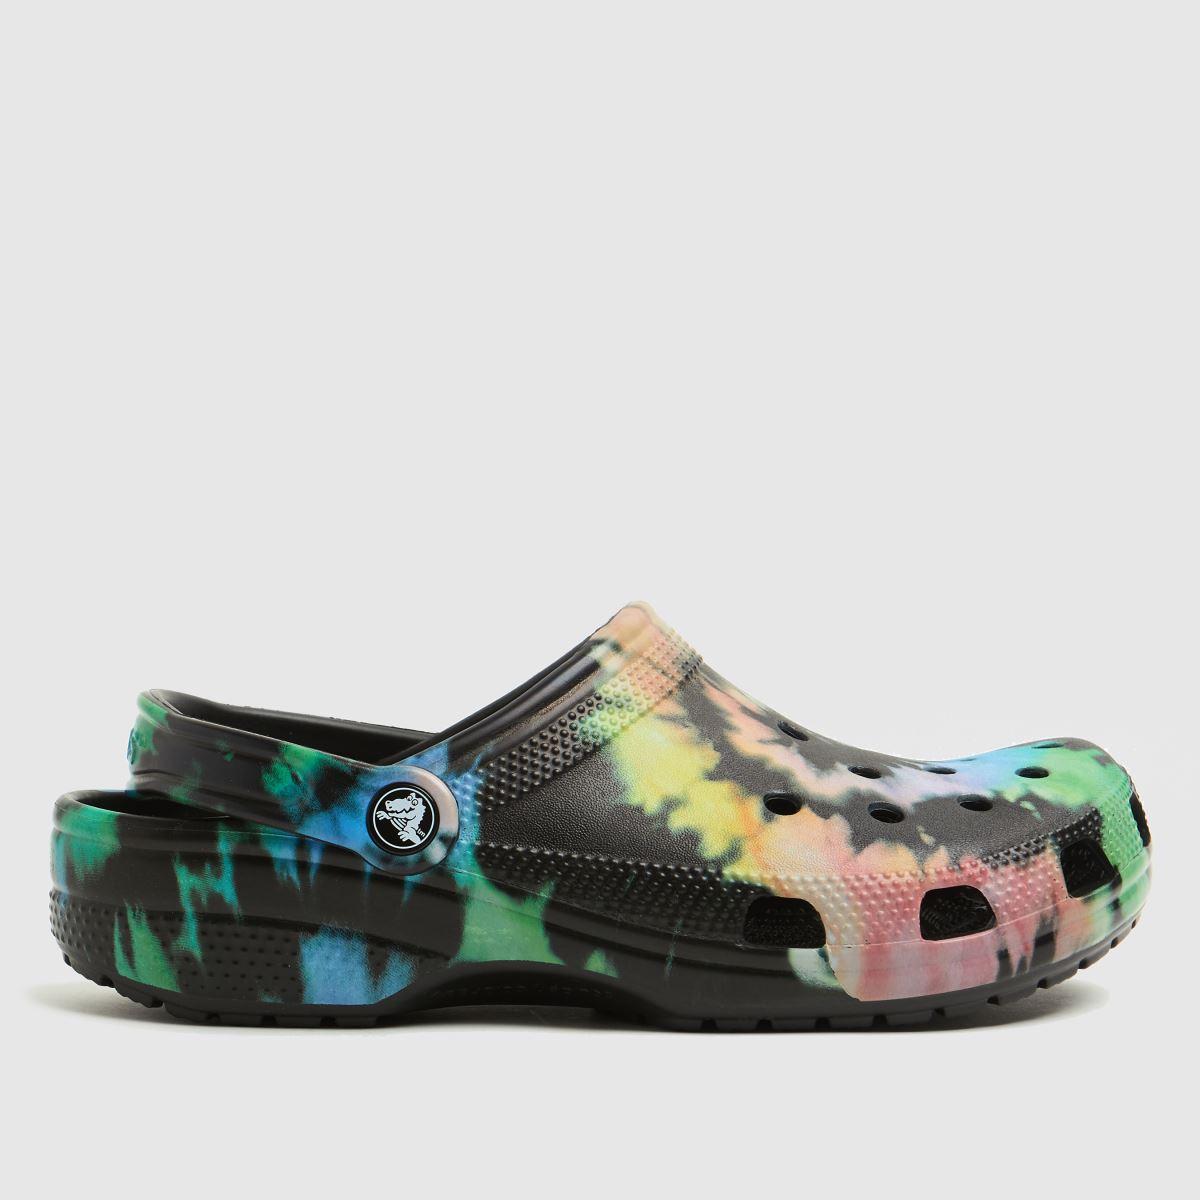 Crocs Black And Blue Classic Clog Sandals